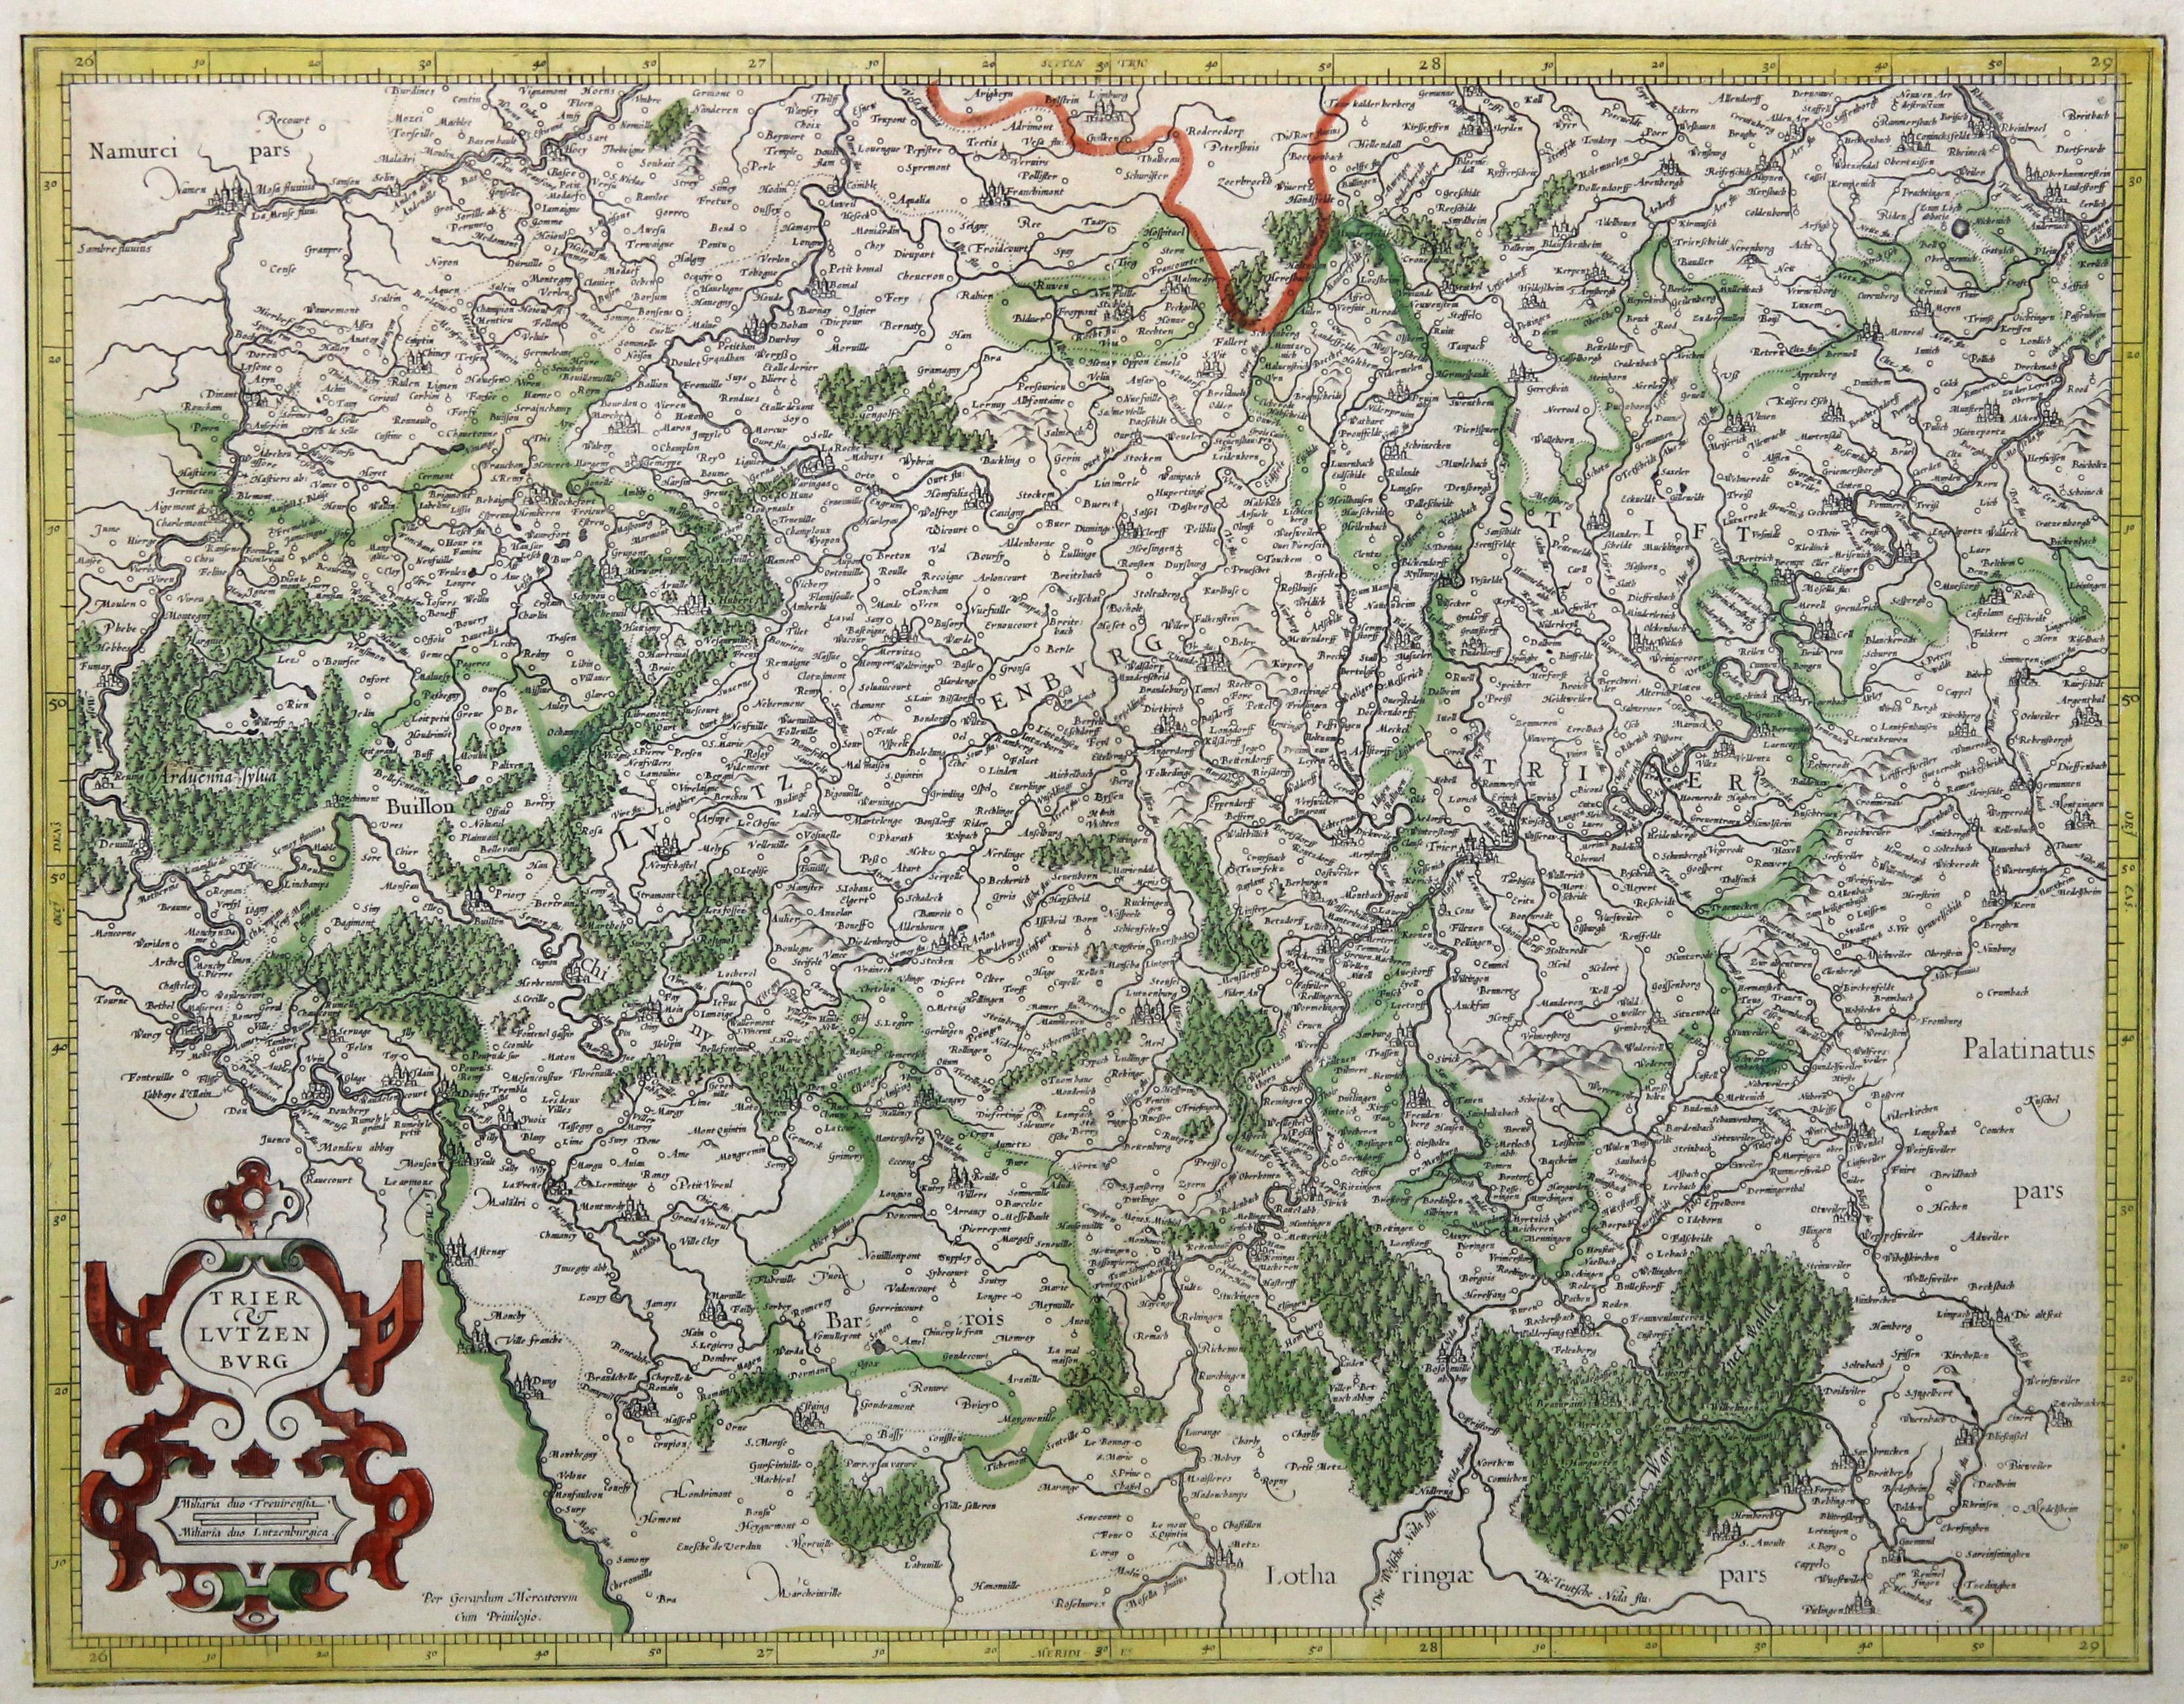 Bistum Trier Karte.Trier Luxemburg Zvab